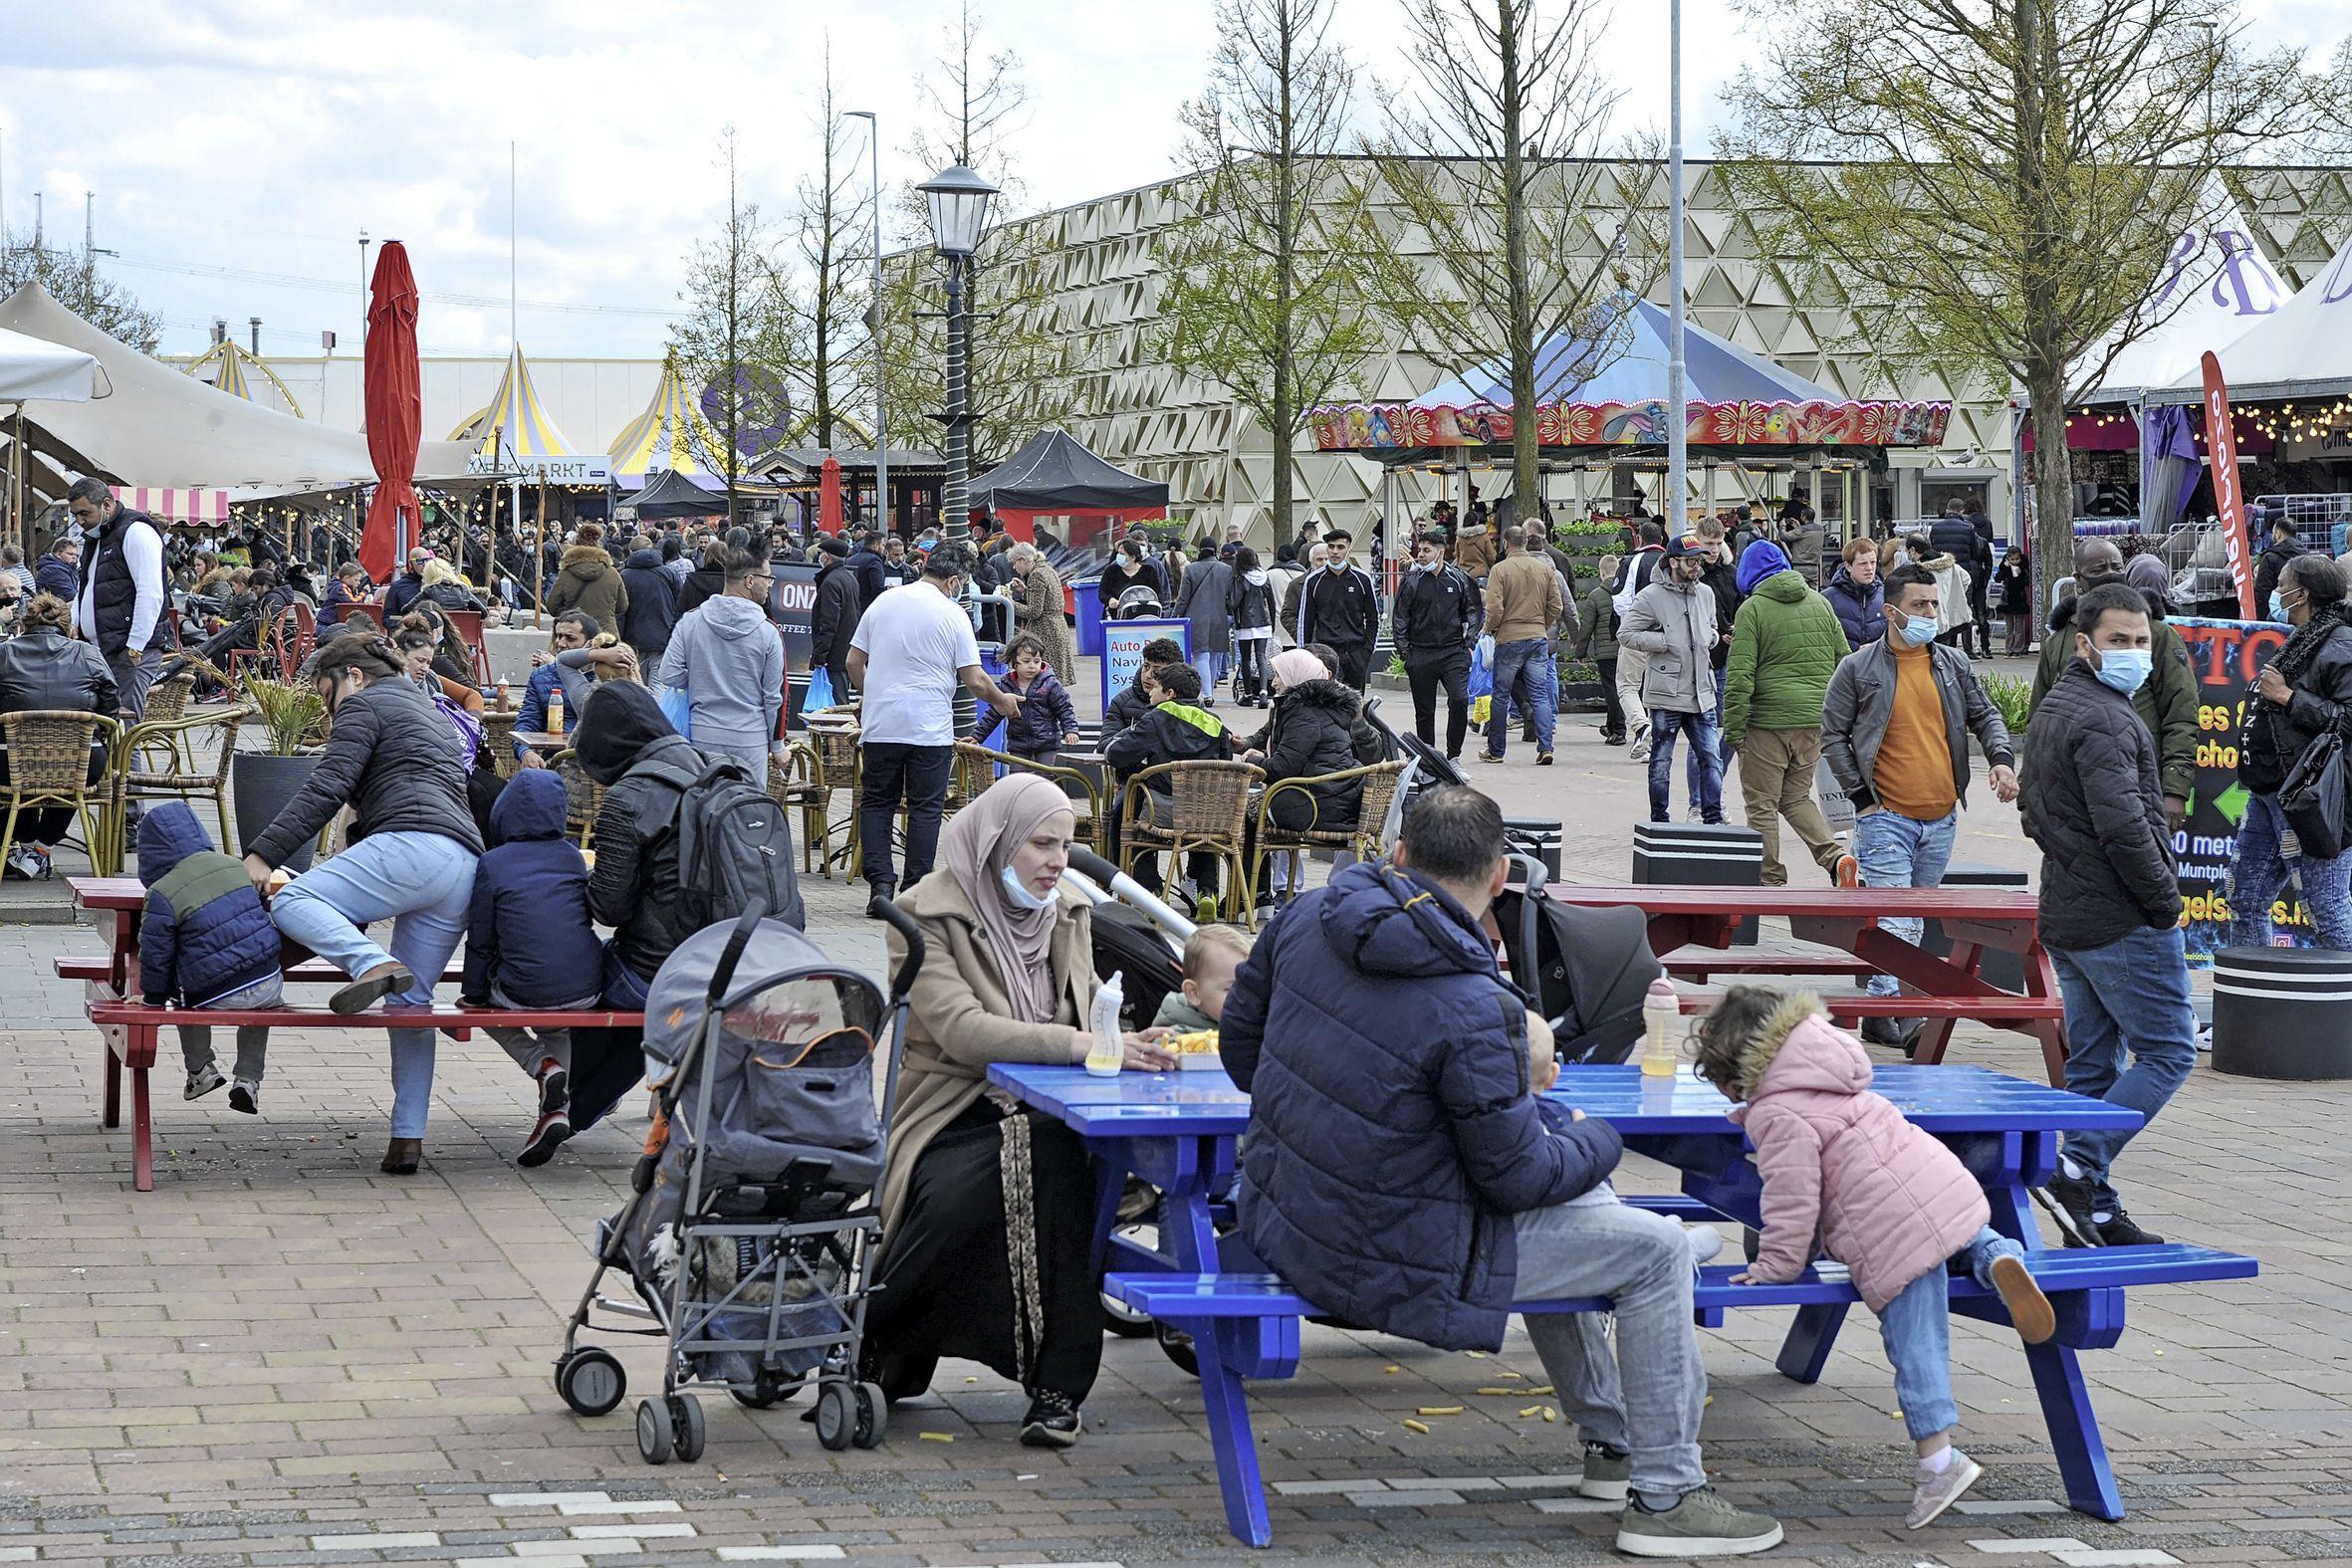 'Zo hoort het op de Beverwijkse Bazaar te zijn' nu de winkels weer open mogen. 'Dit is veel prettiger'